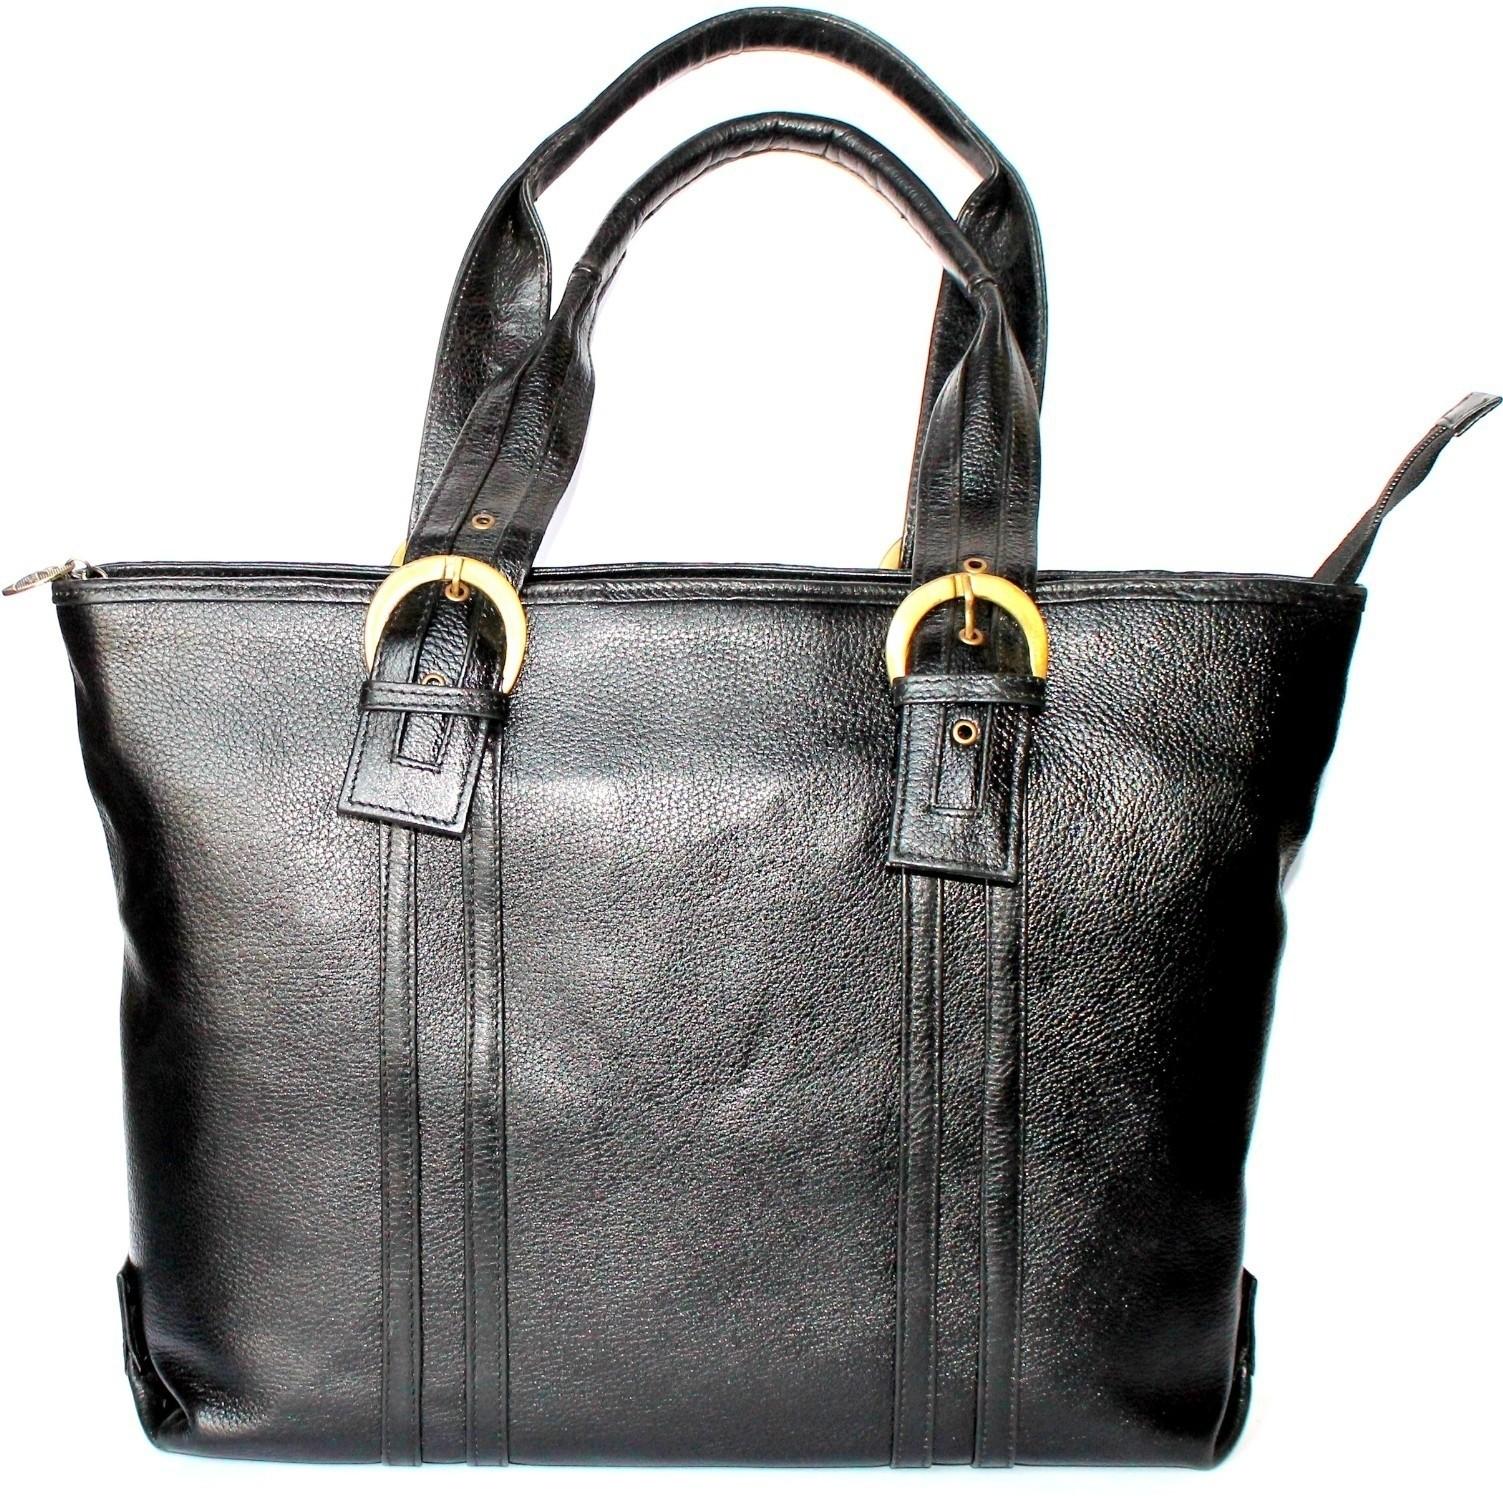 Buy StonKraft Designer Branded Genuine Pure Leather Ladies Baguette  Shoulder Bag Shoulder Bag Black   ₹ 2200 by StonKraft from Flipkart  0b33d10ff324d